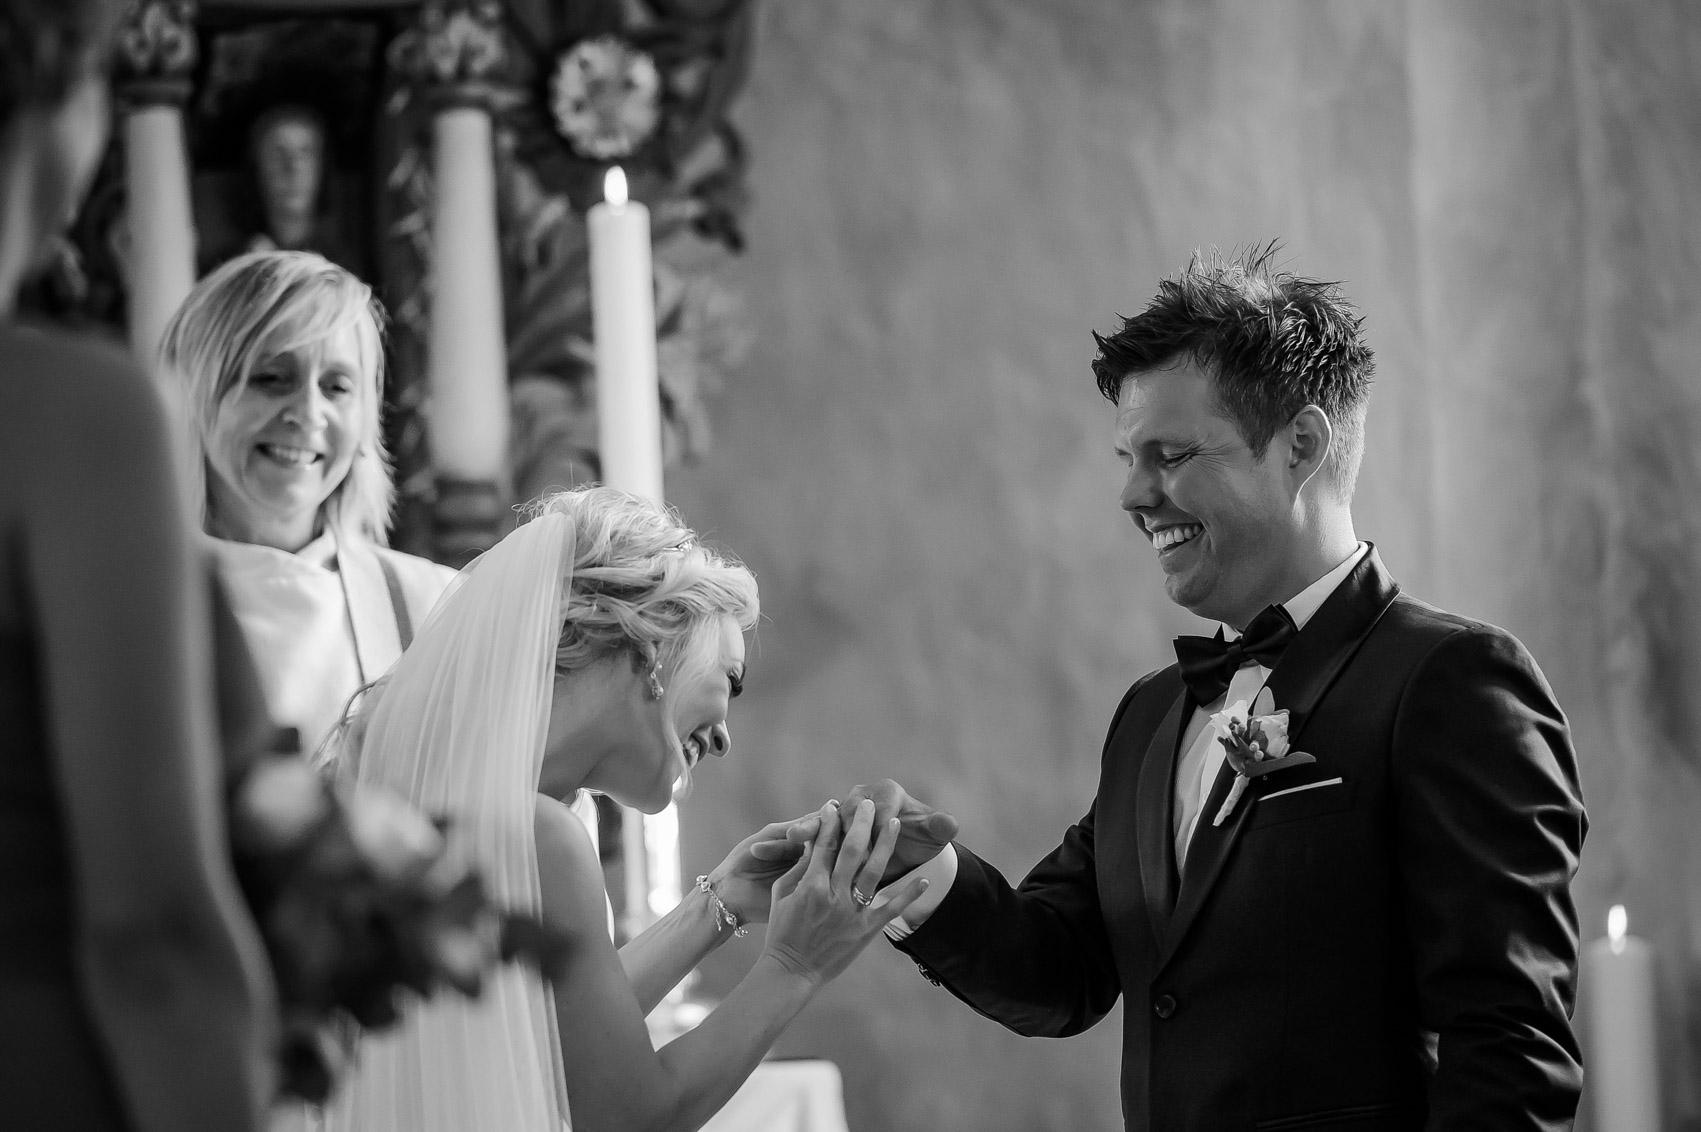 fotograf-tønsberg-bryllup-bryllupsfotograf-9.jpg